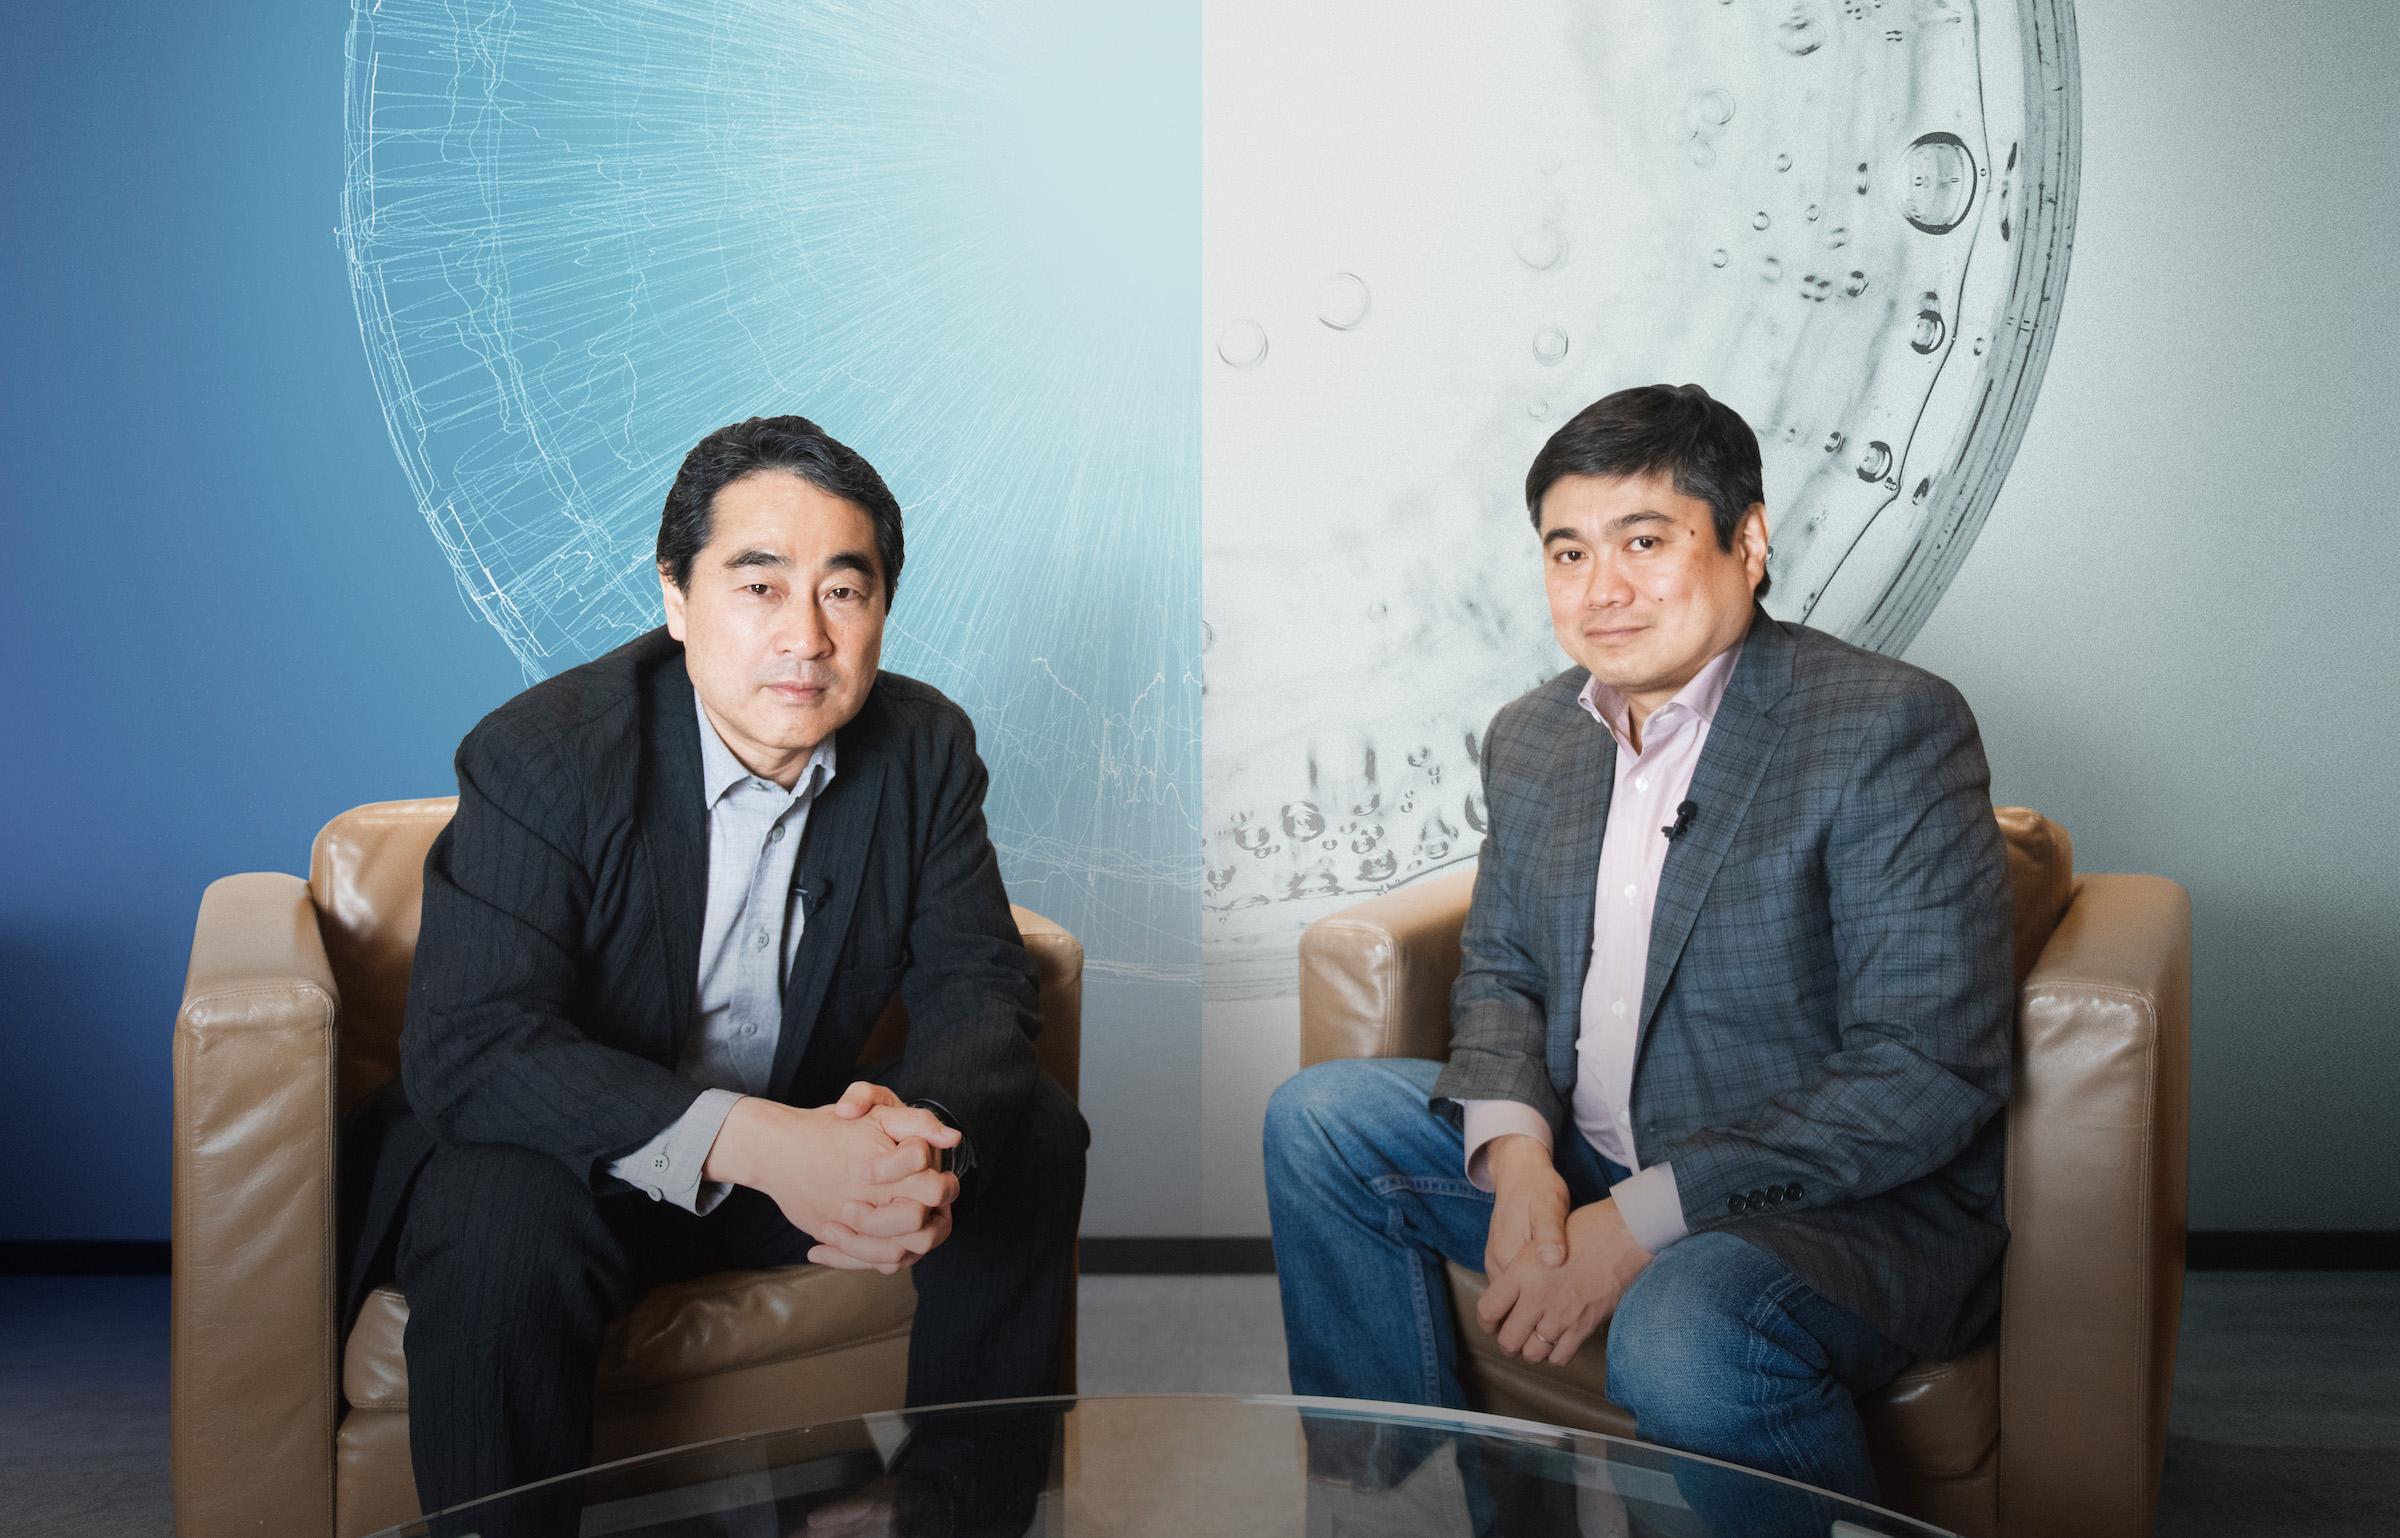 対談を行う林郁(左)と伊藤穰一(右)